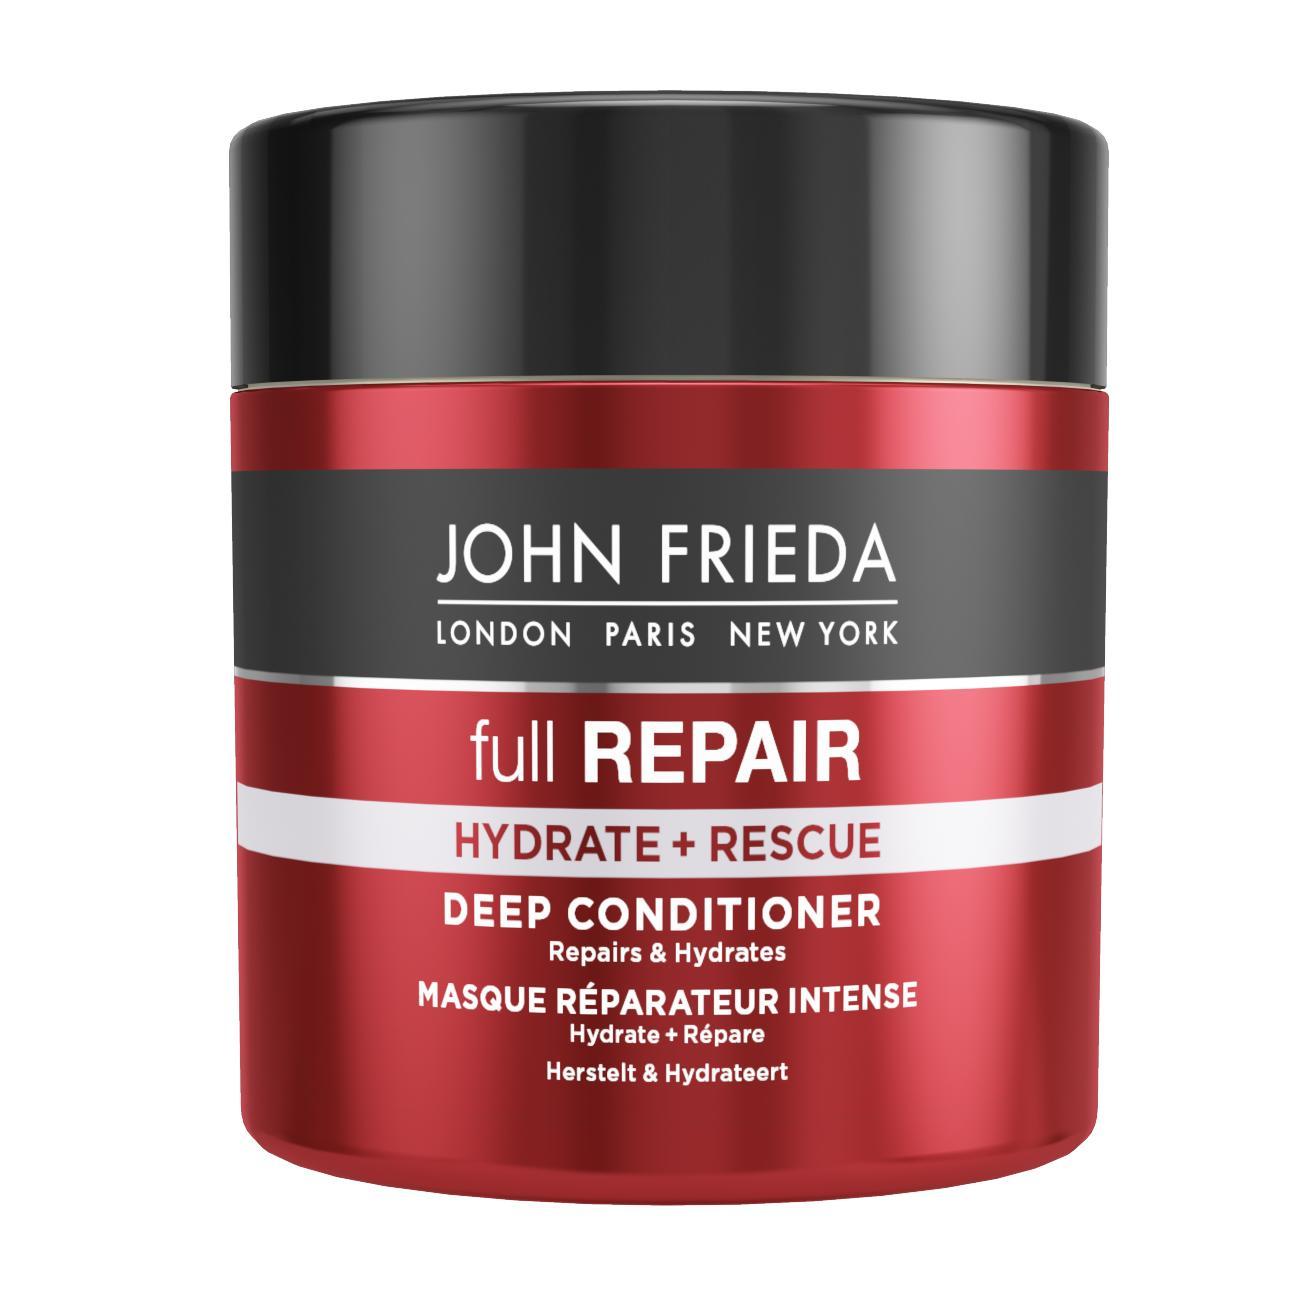 Маска John Frieda Full Repair восстановление и увлажнение волос 150 мл<br>